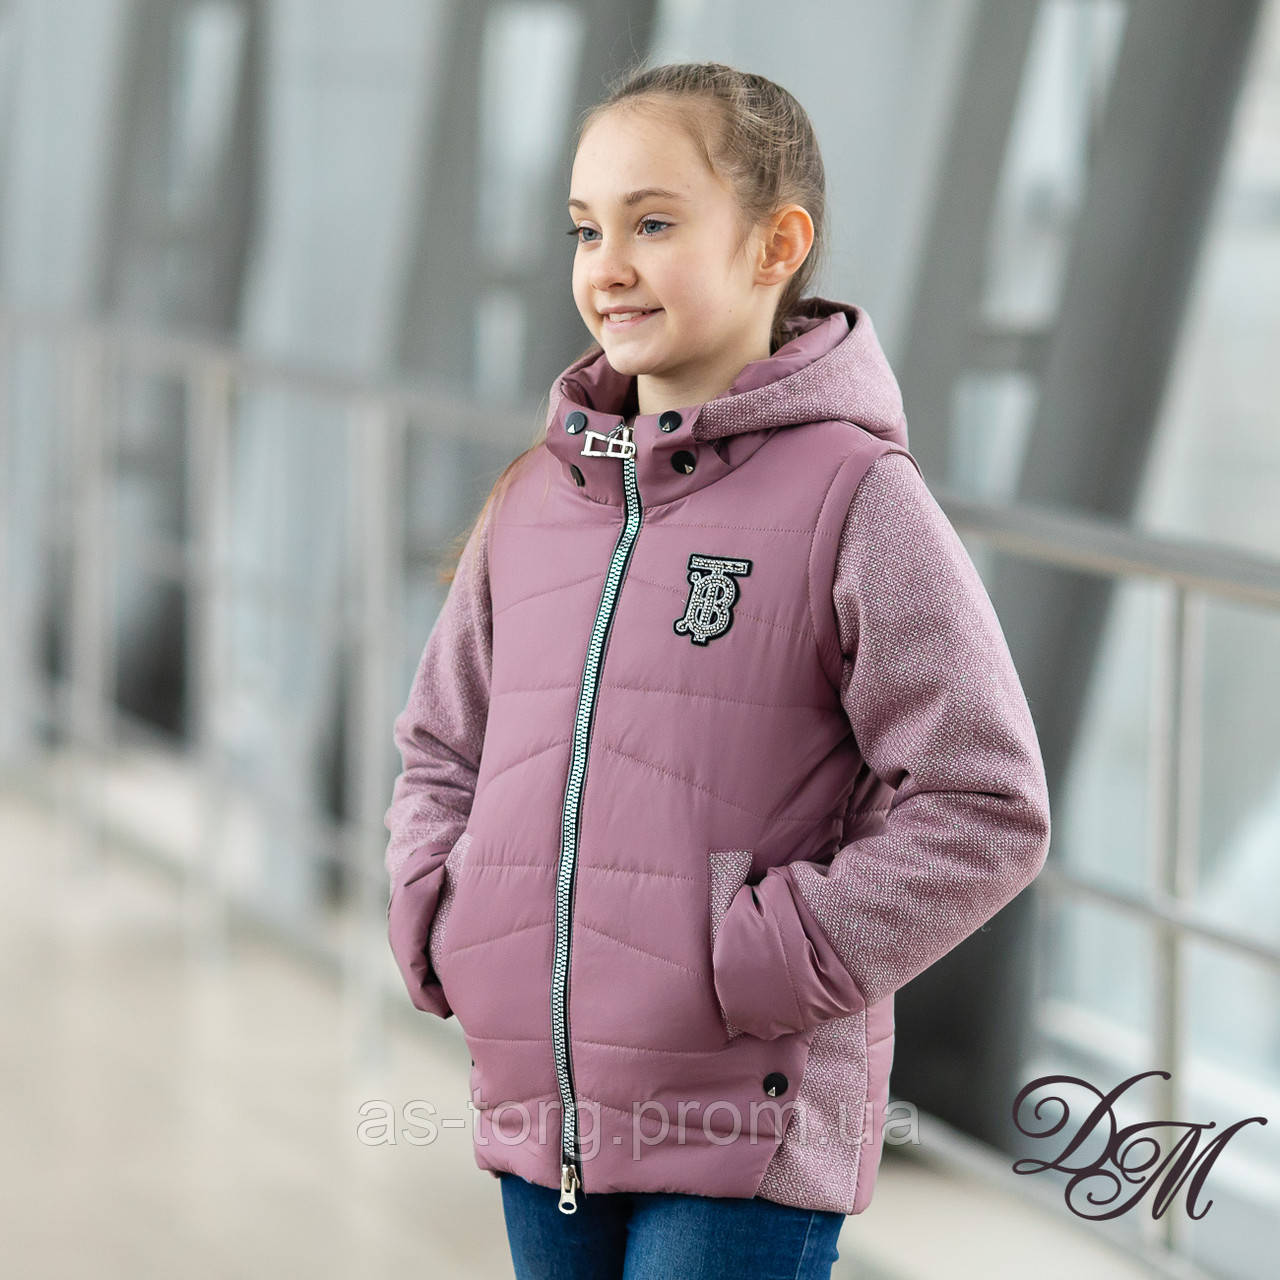 Куртка-жилет комбинированная для девочки «Рима»